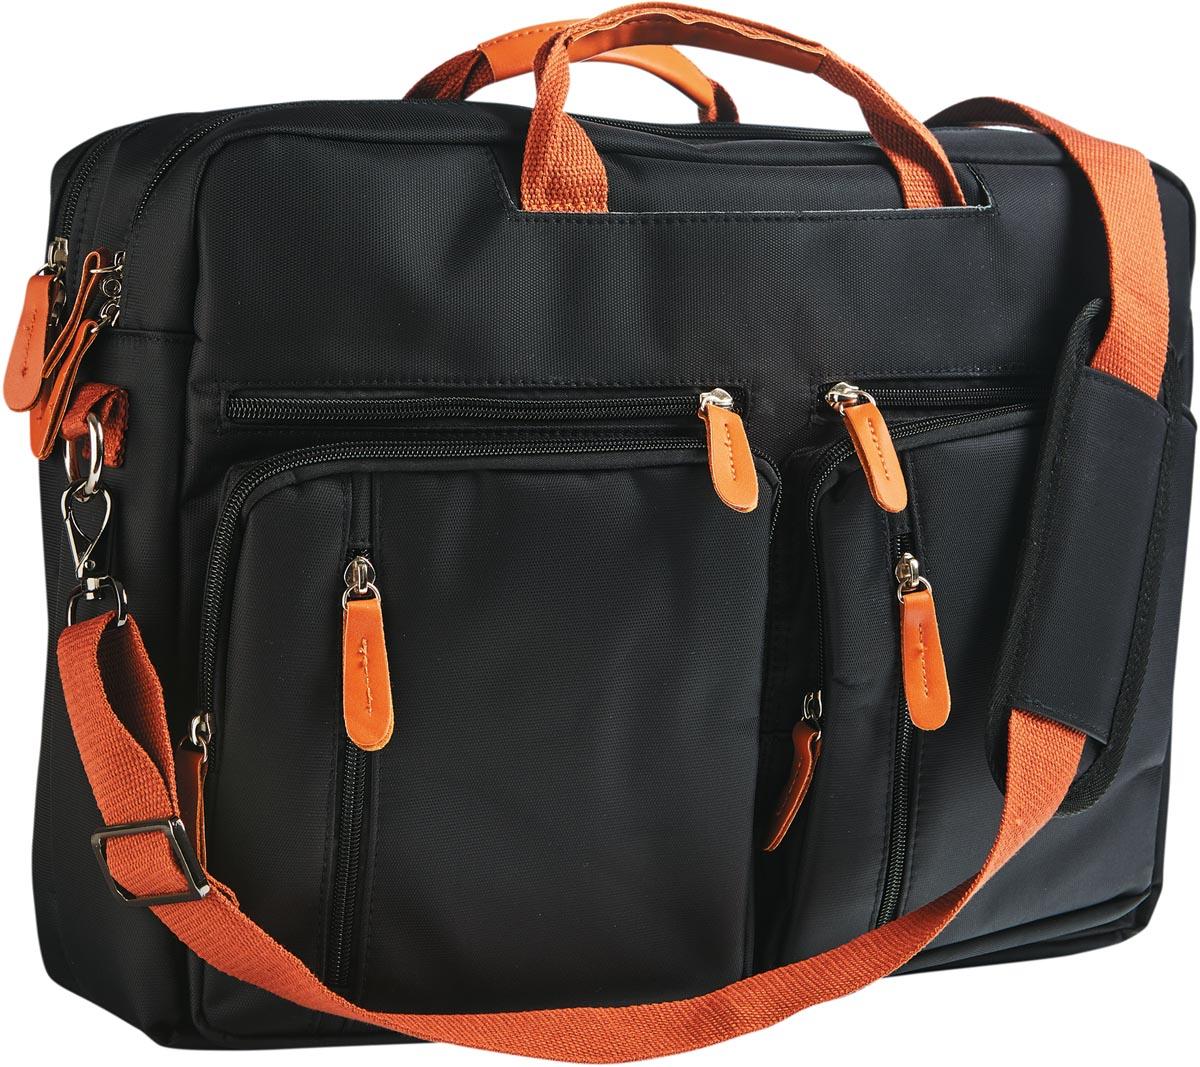 Cristo Urban laptoptas voor 17 inch laptops, 2-in-1, zwart